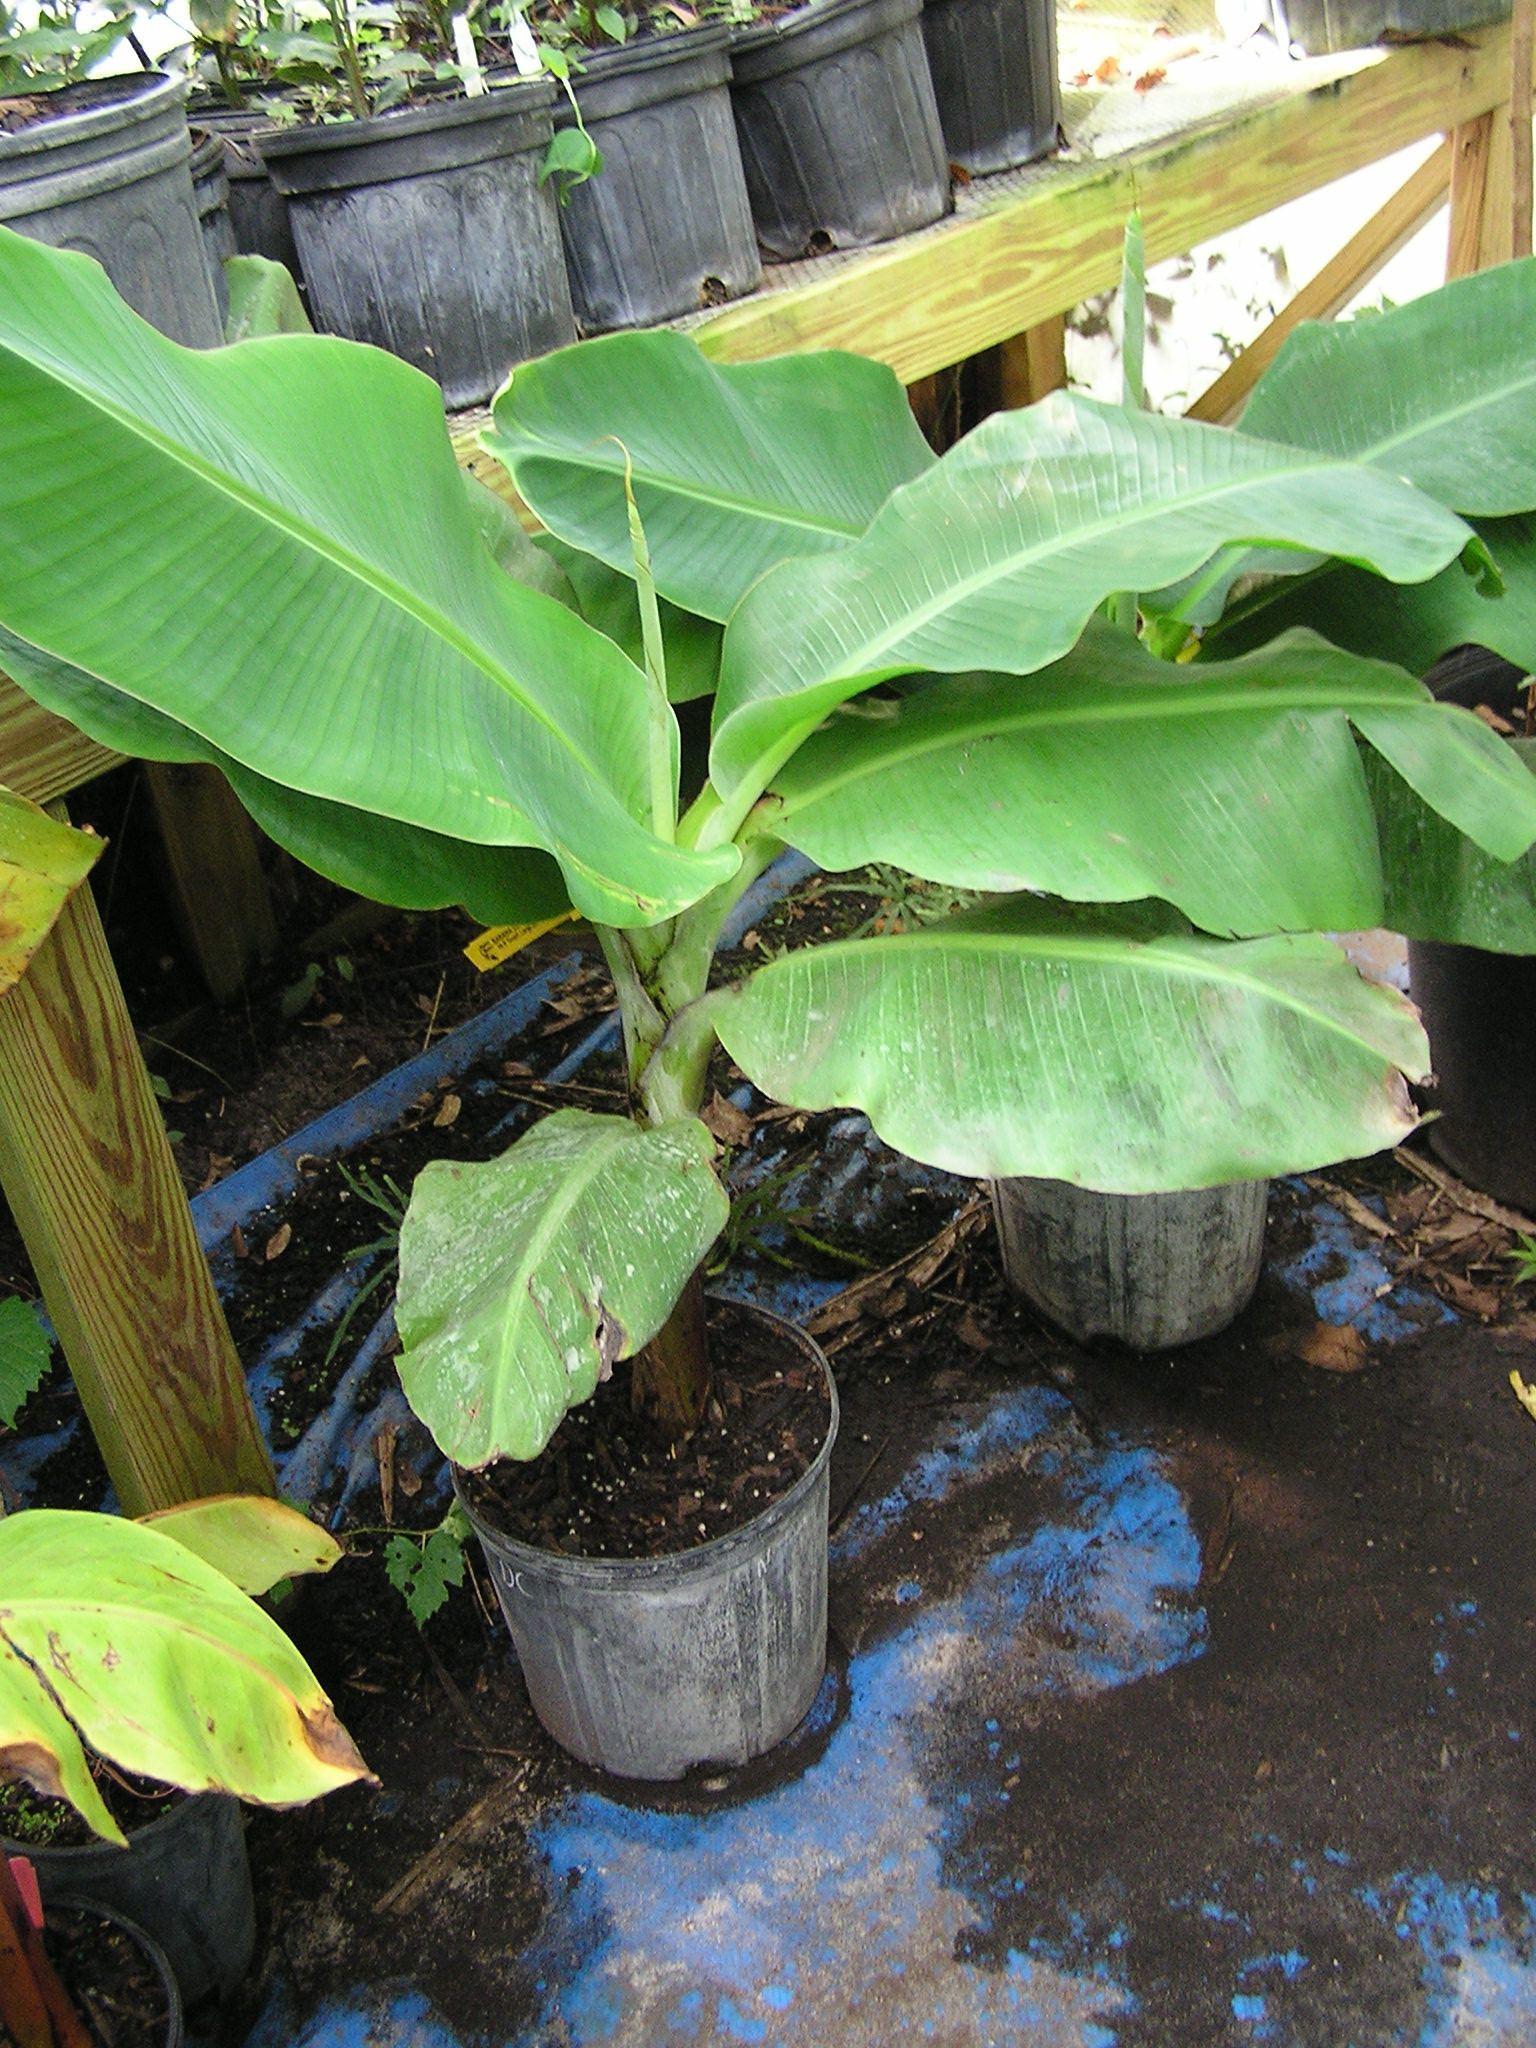 Sunshiny To Purchase Banana We Have No Banana Tree Blue Java Banana Climate Zone Blue Java Banana Tree Hardiness houzz-02 Blue Java Banana